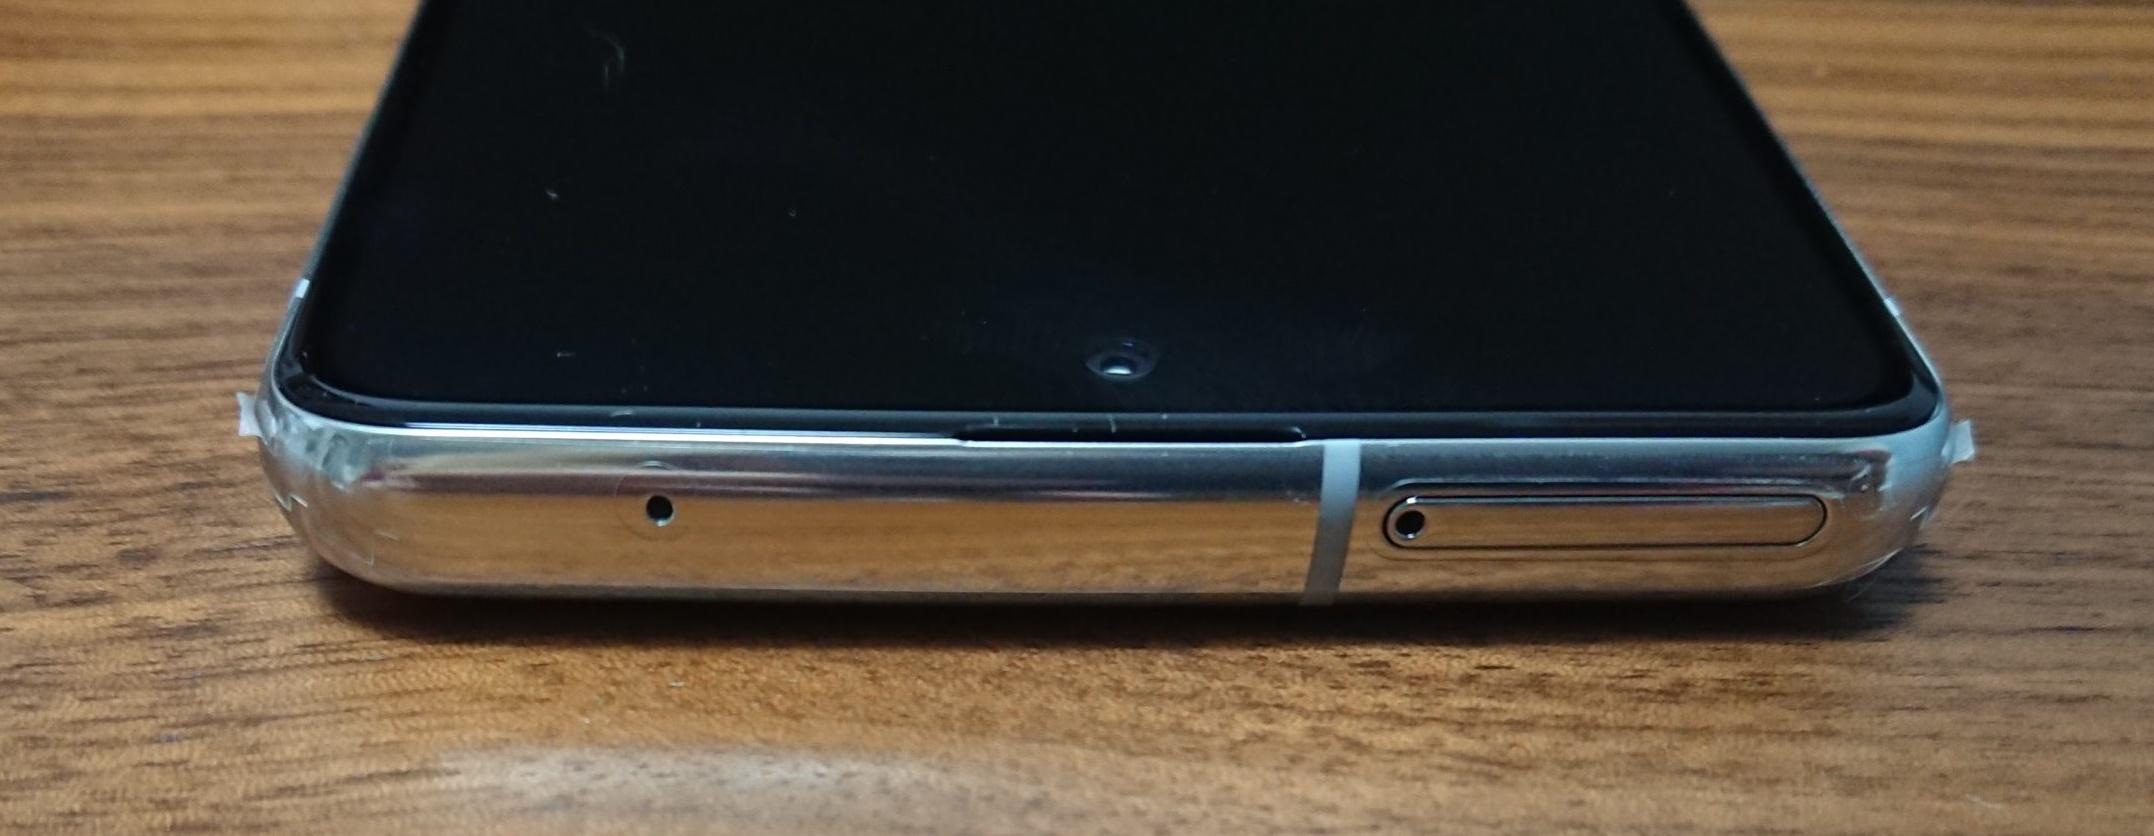 Galaxy A51 5Gの上部